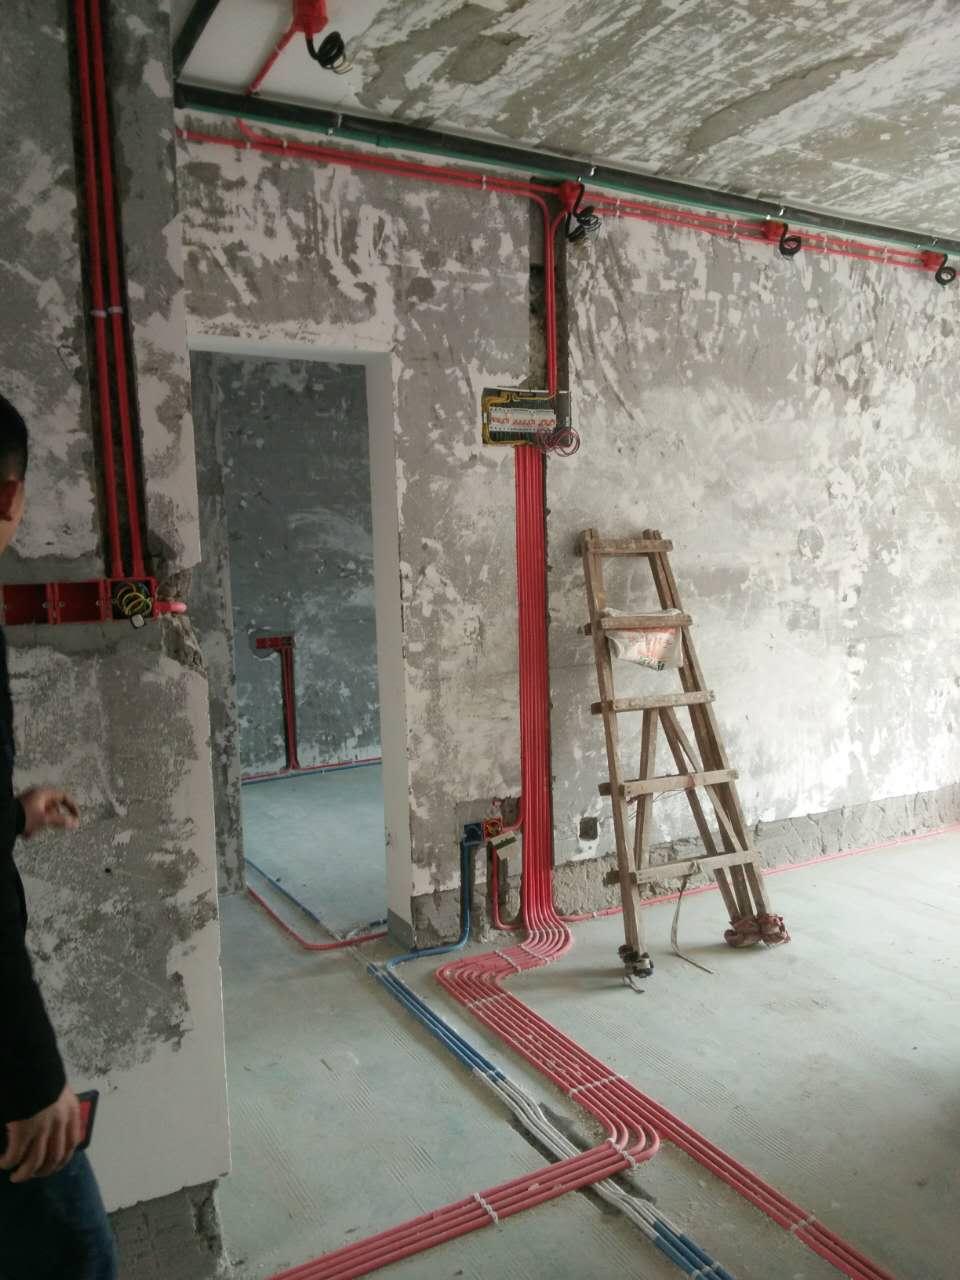 苏州欧派铂晶装饰扬州分公司_在建工地_众易居装修网